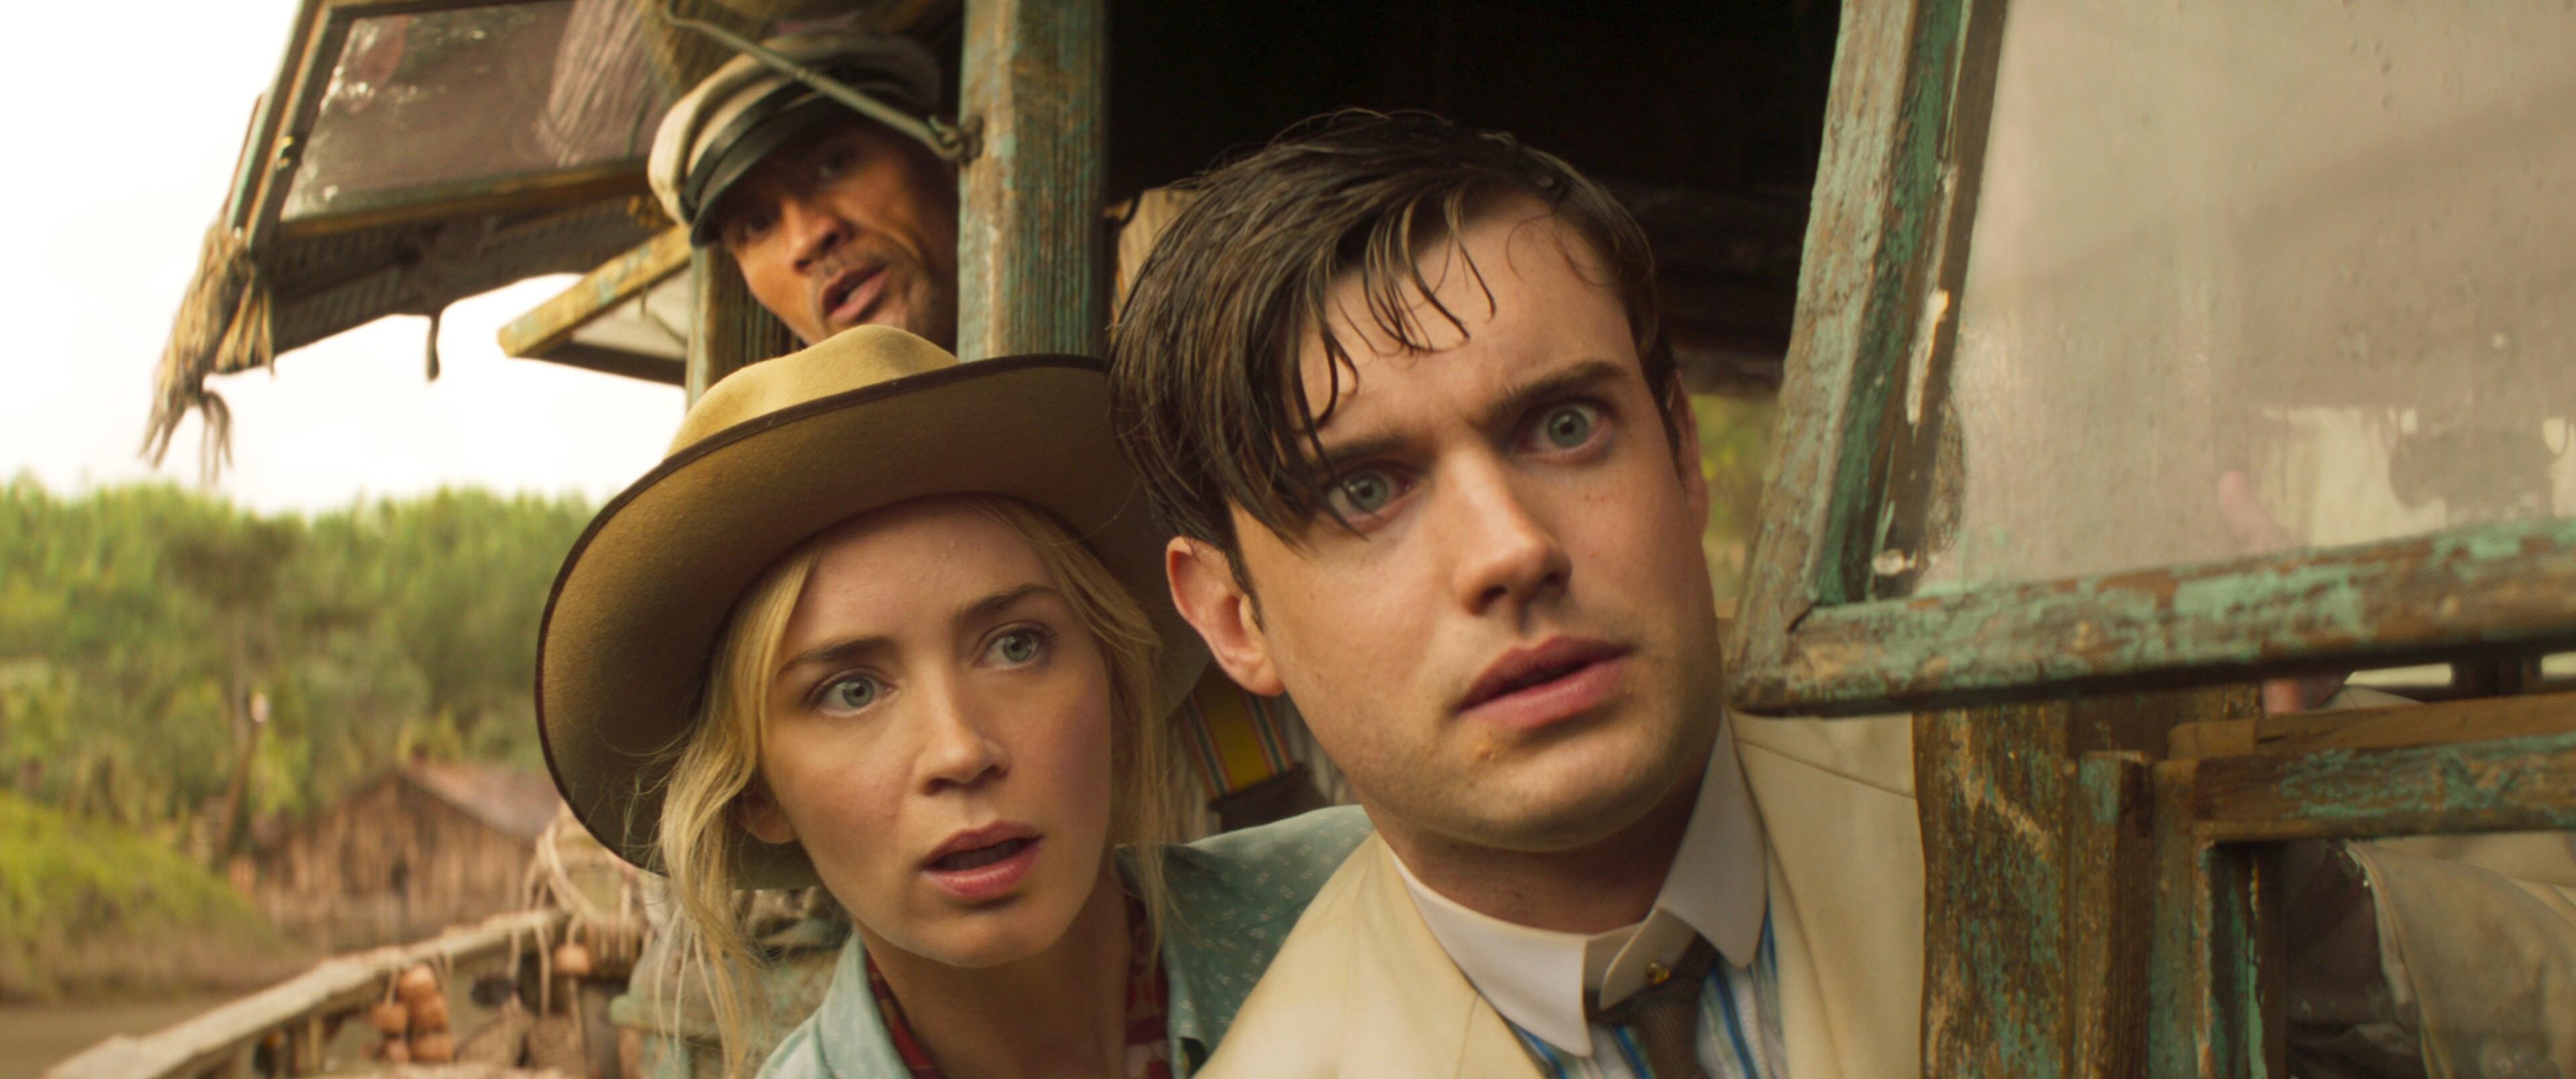 """Novo teaser de """"Jungle Cruise"""" mostra bastidores de cenas de ação"""